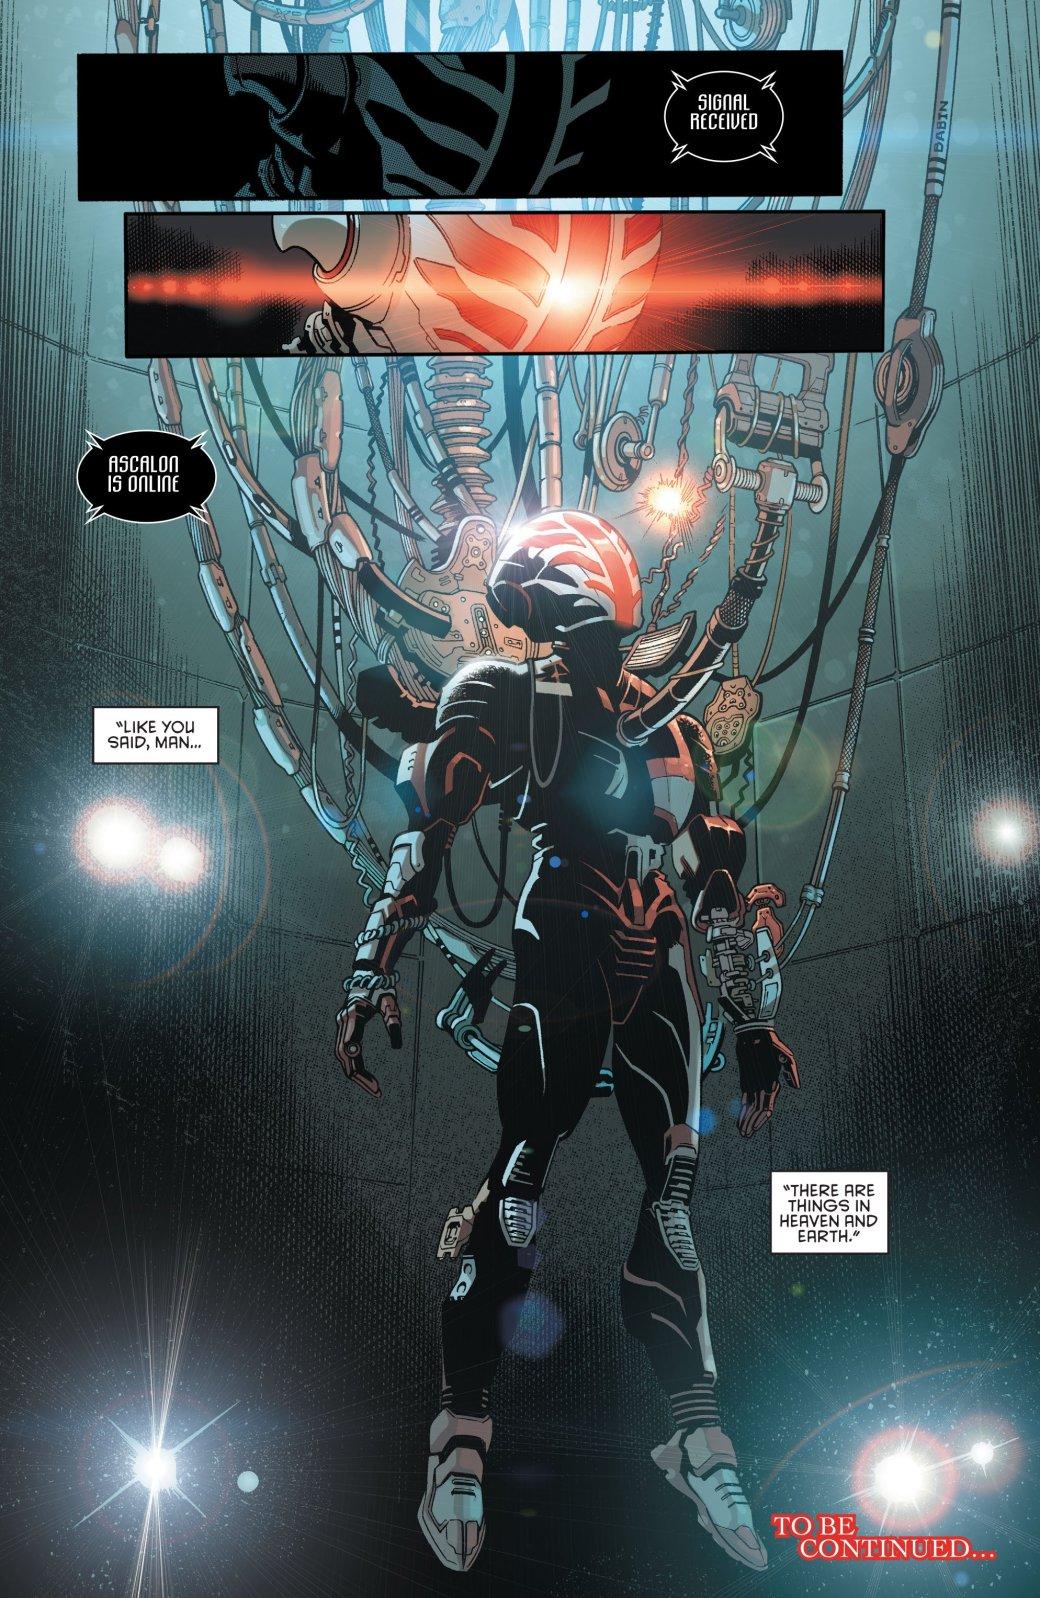 Азраил возвращается в комиксы DC | Канобу - Изображение 7024